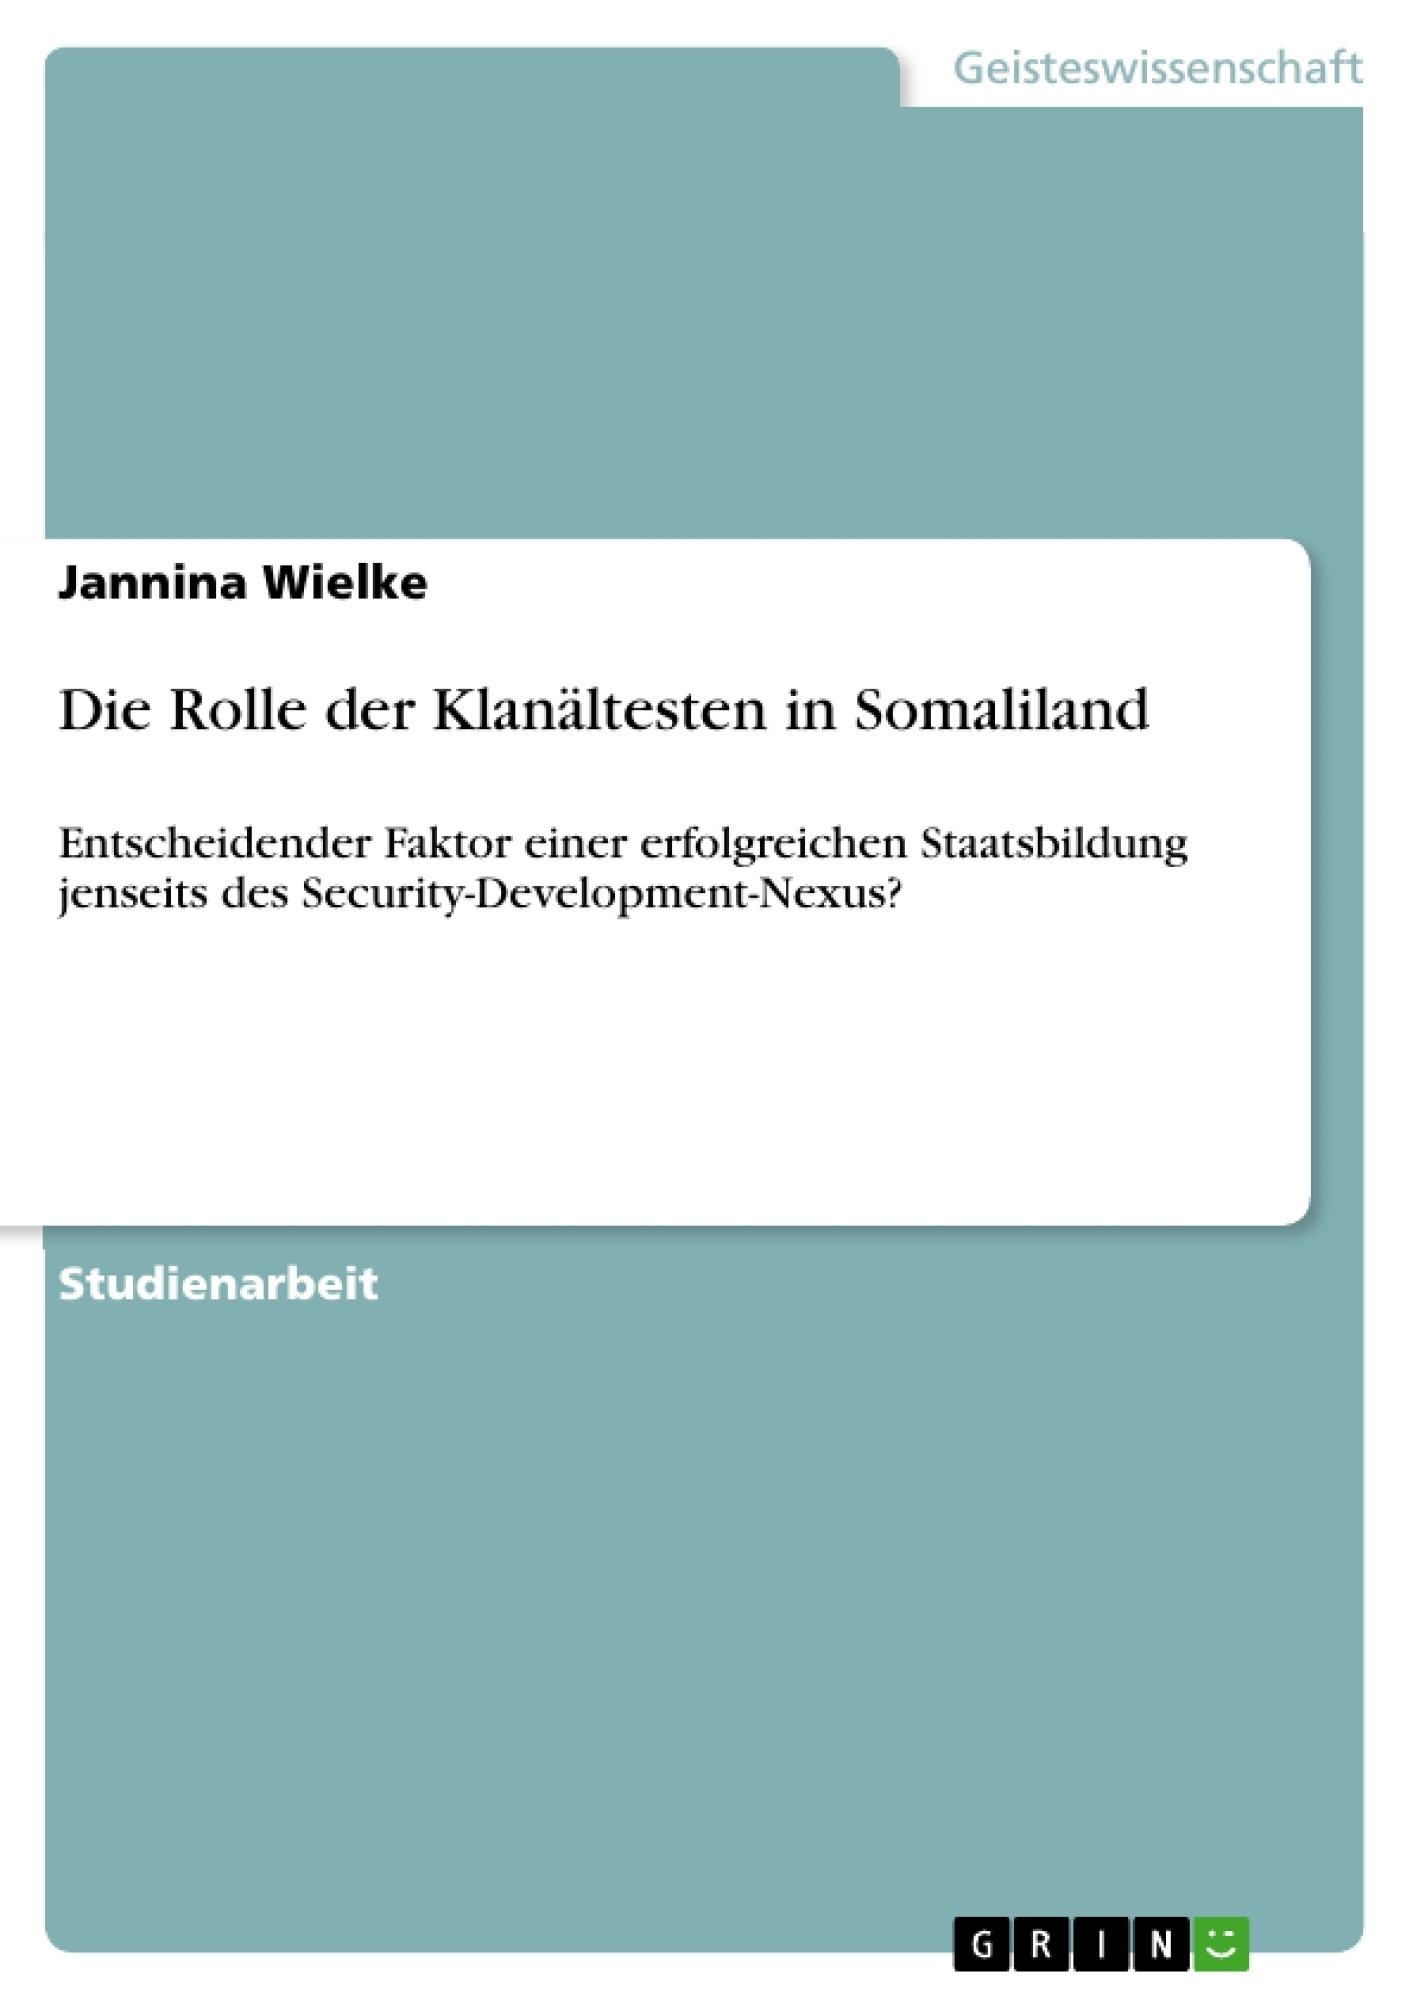 Titel: Die Rolle der Klanältesten in Somaliland